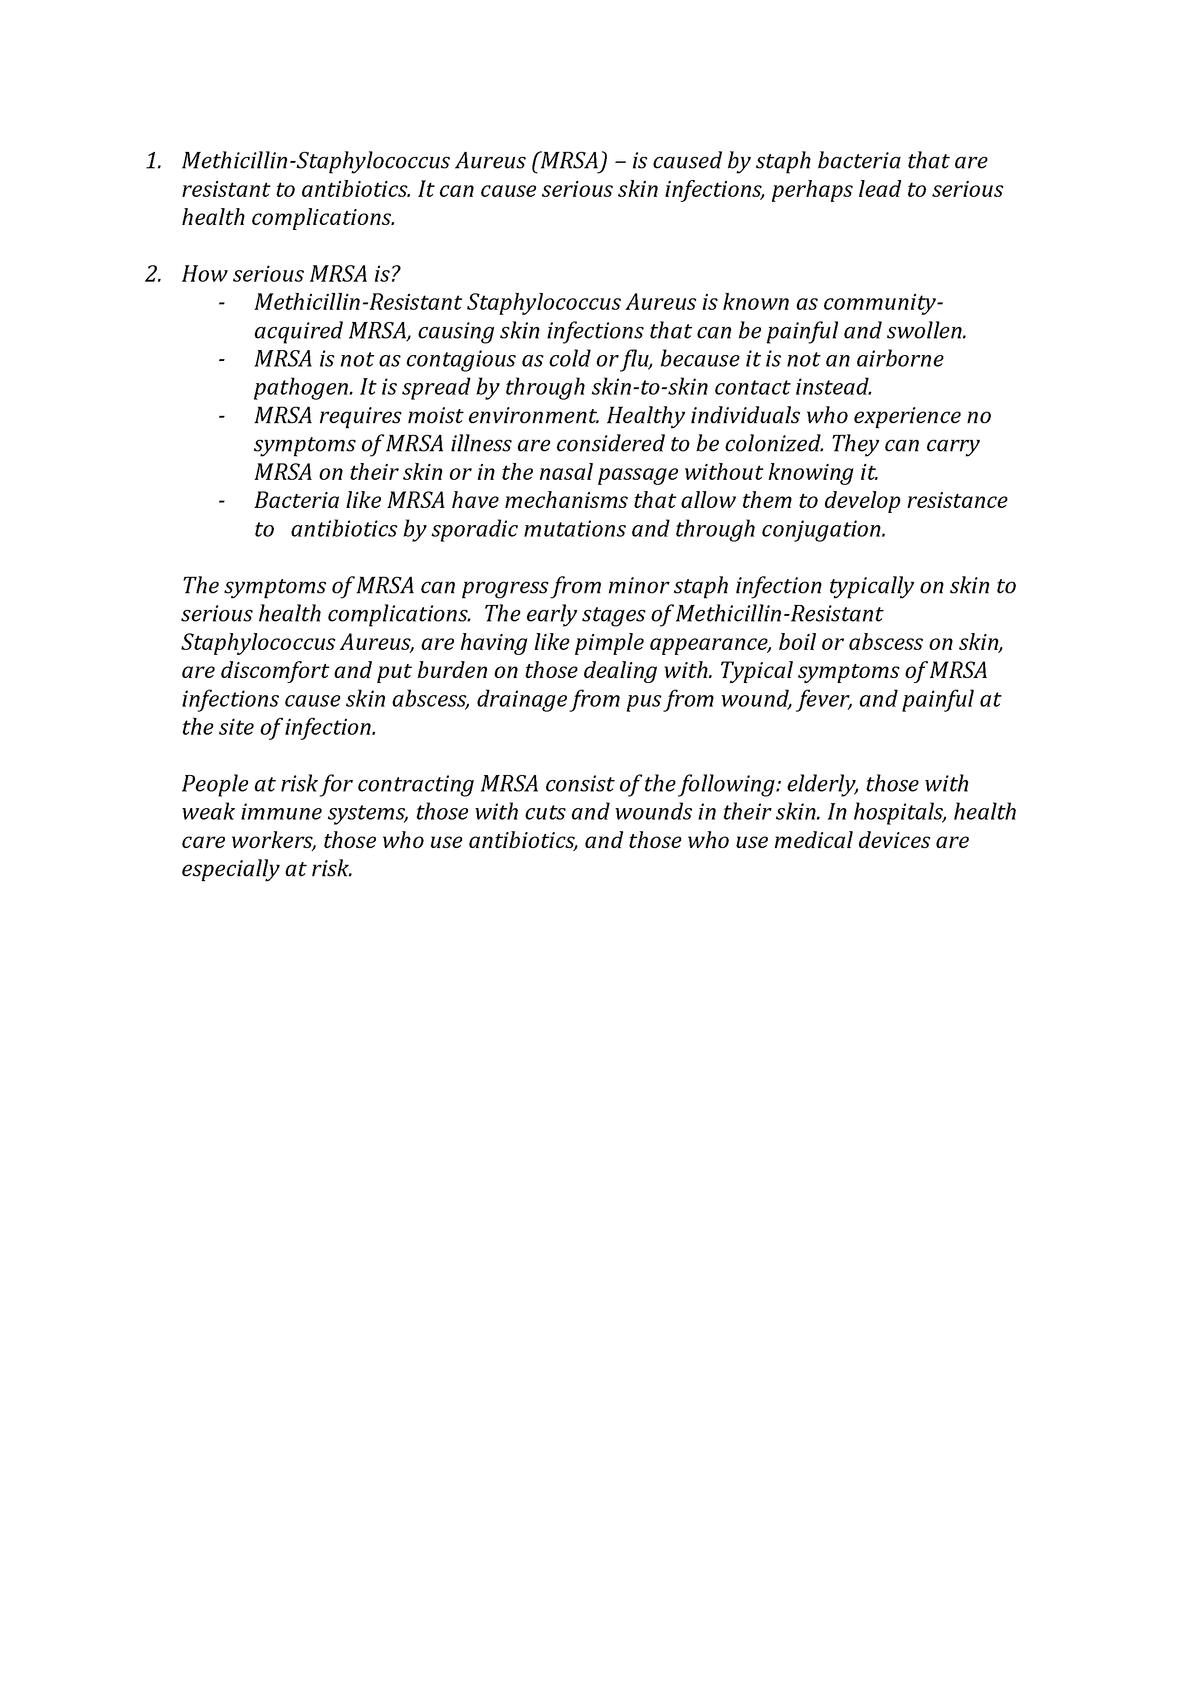 MRSA - Tutorial work on MRSA - 4016BMBMLO: Biomedical Issues and